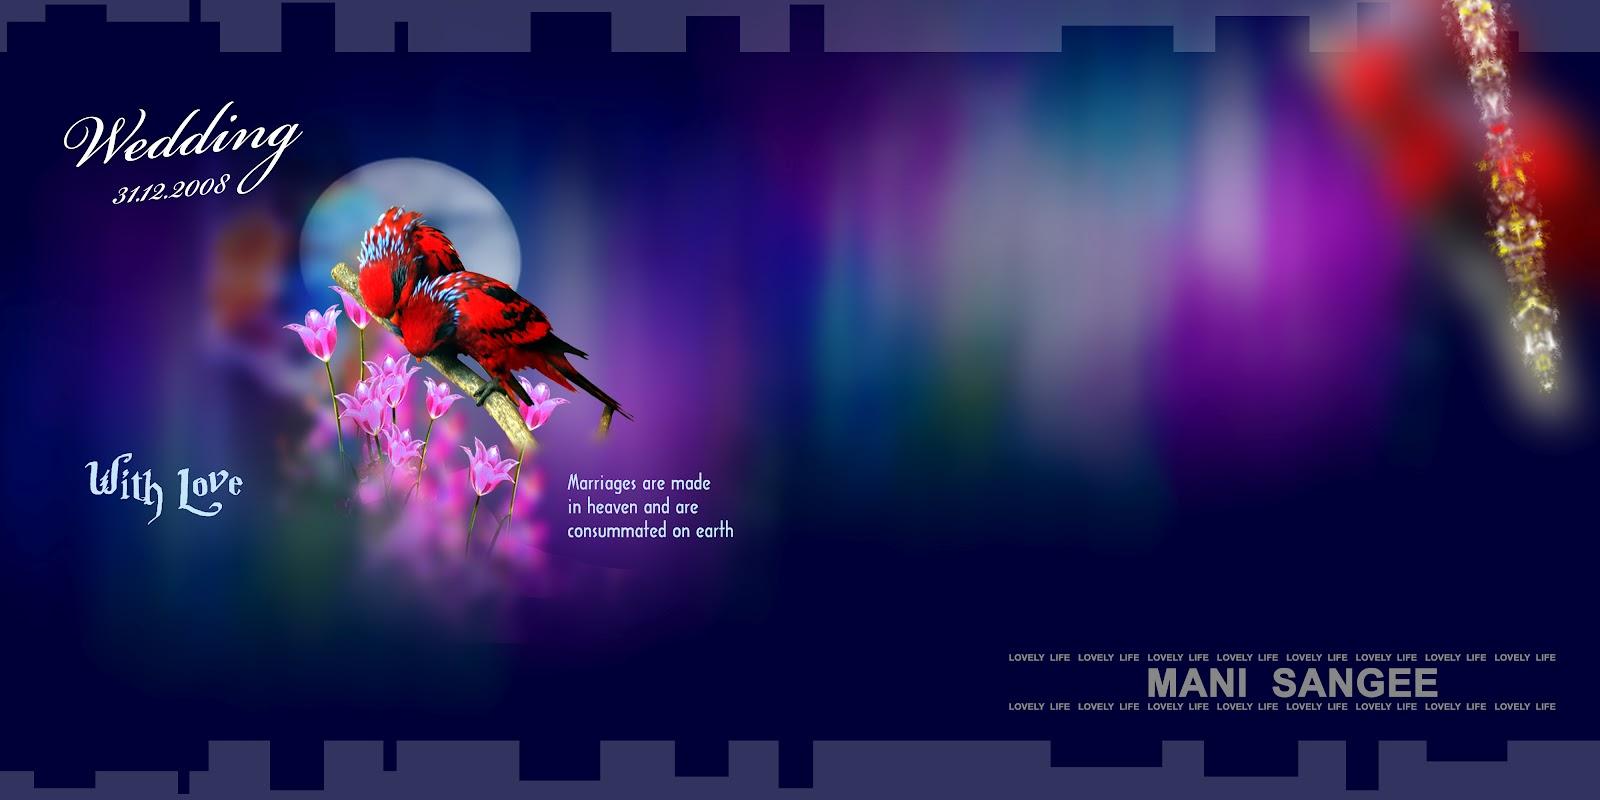 9 Album Karizma PSD Background Images - Free Photoshop ... Karizma Wedding Album Software Free Download